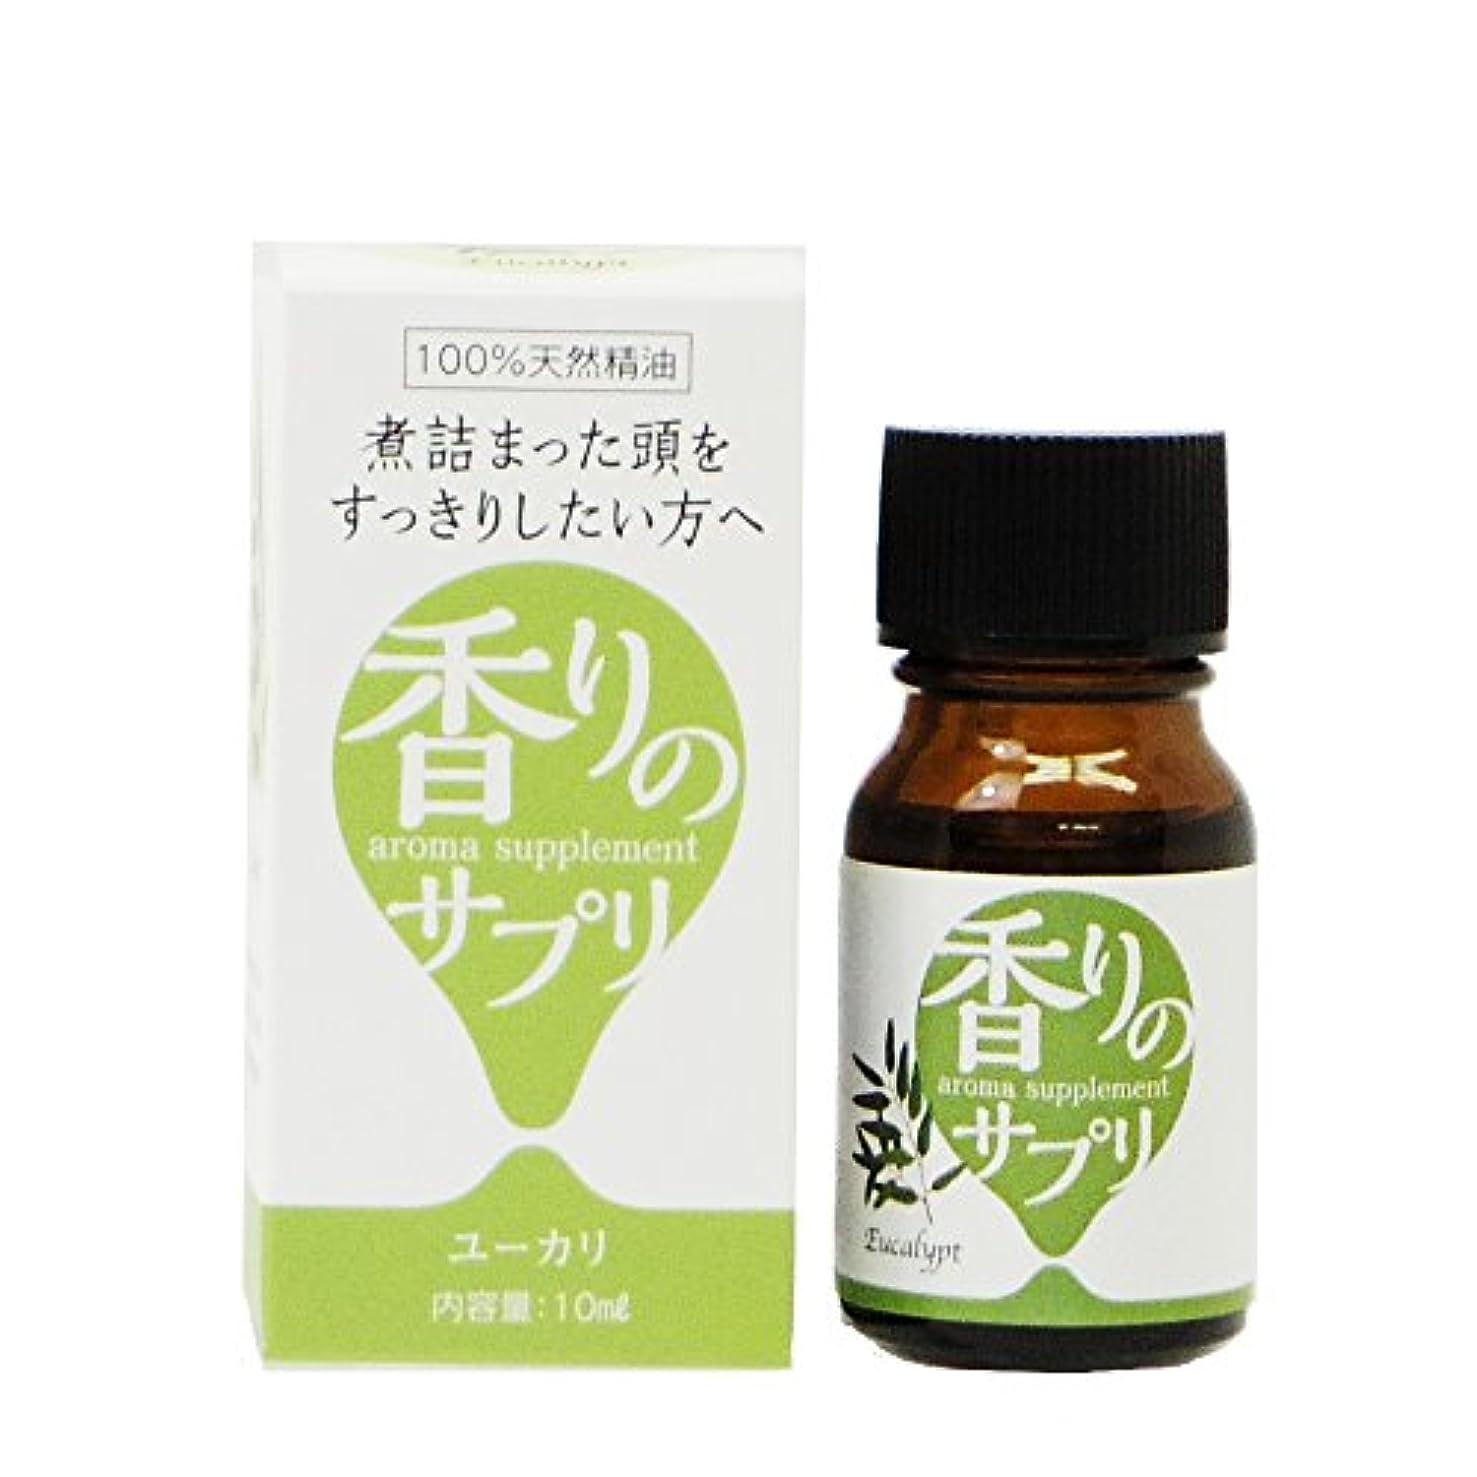 回復する名目上のこねる香りのサプリ ユーカリ エッセンシャルオイル10ml 384294